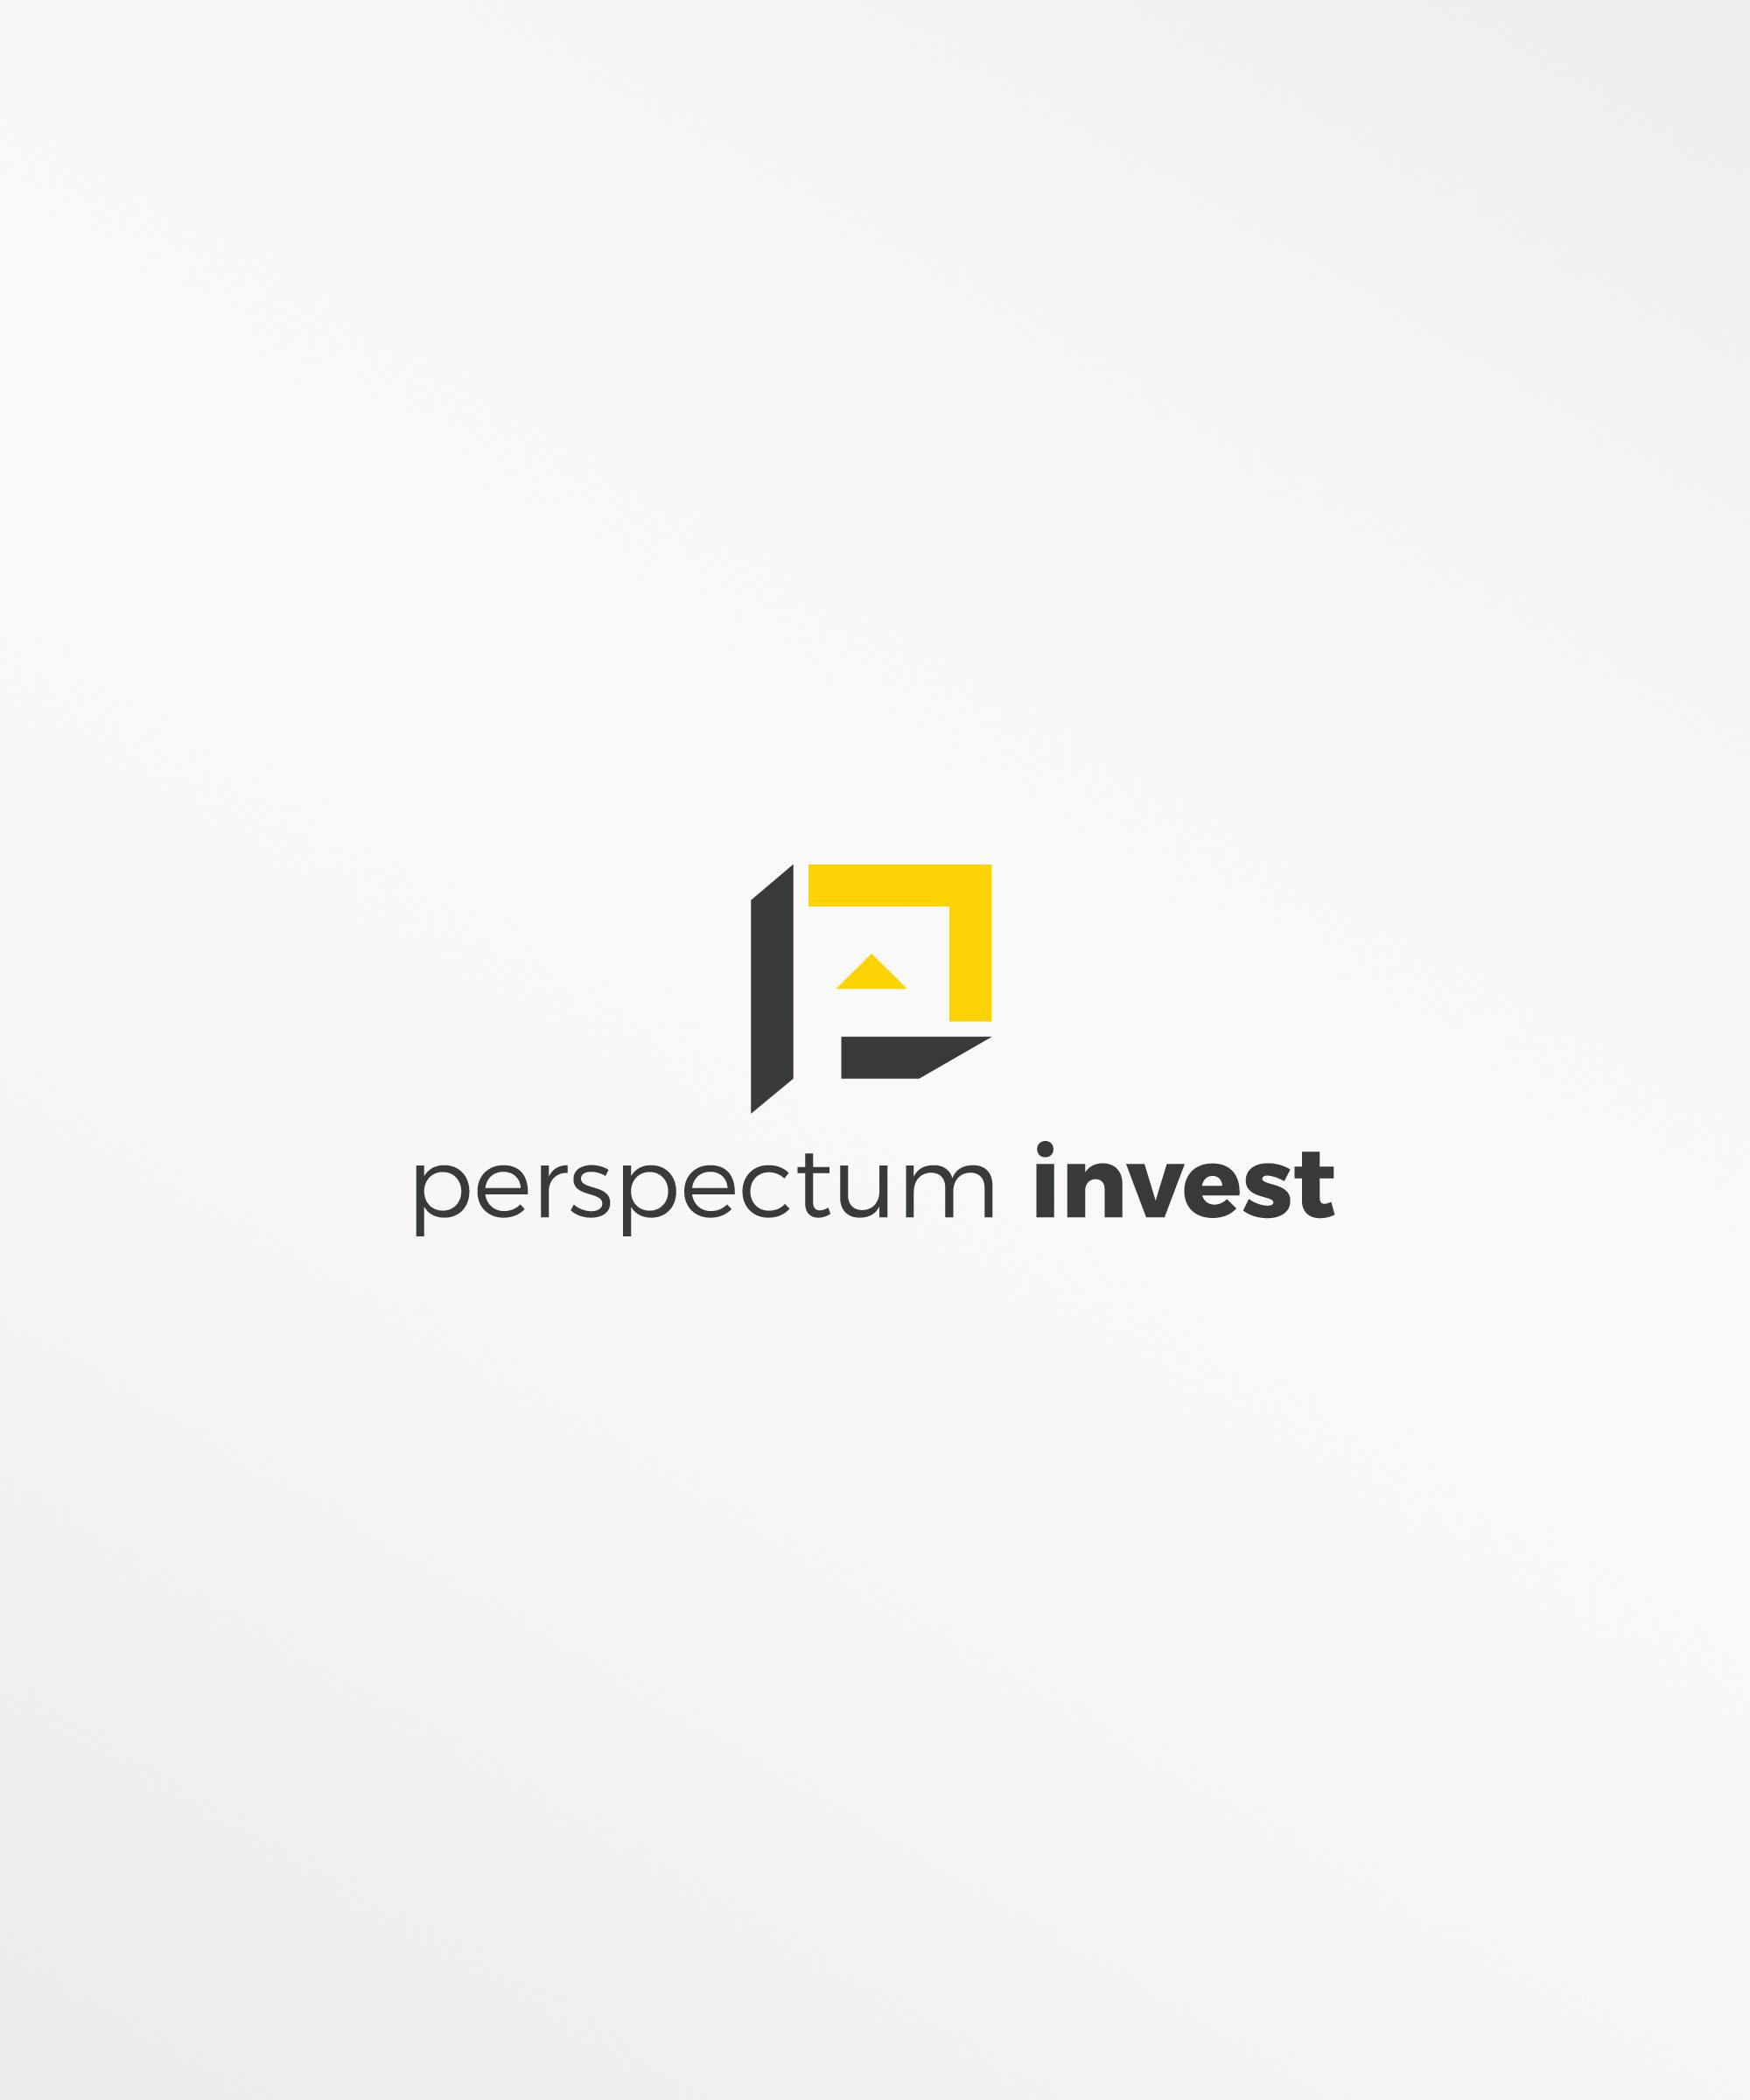 01-perspectum